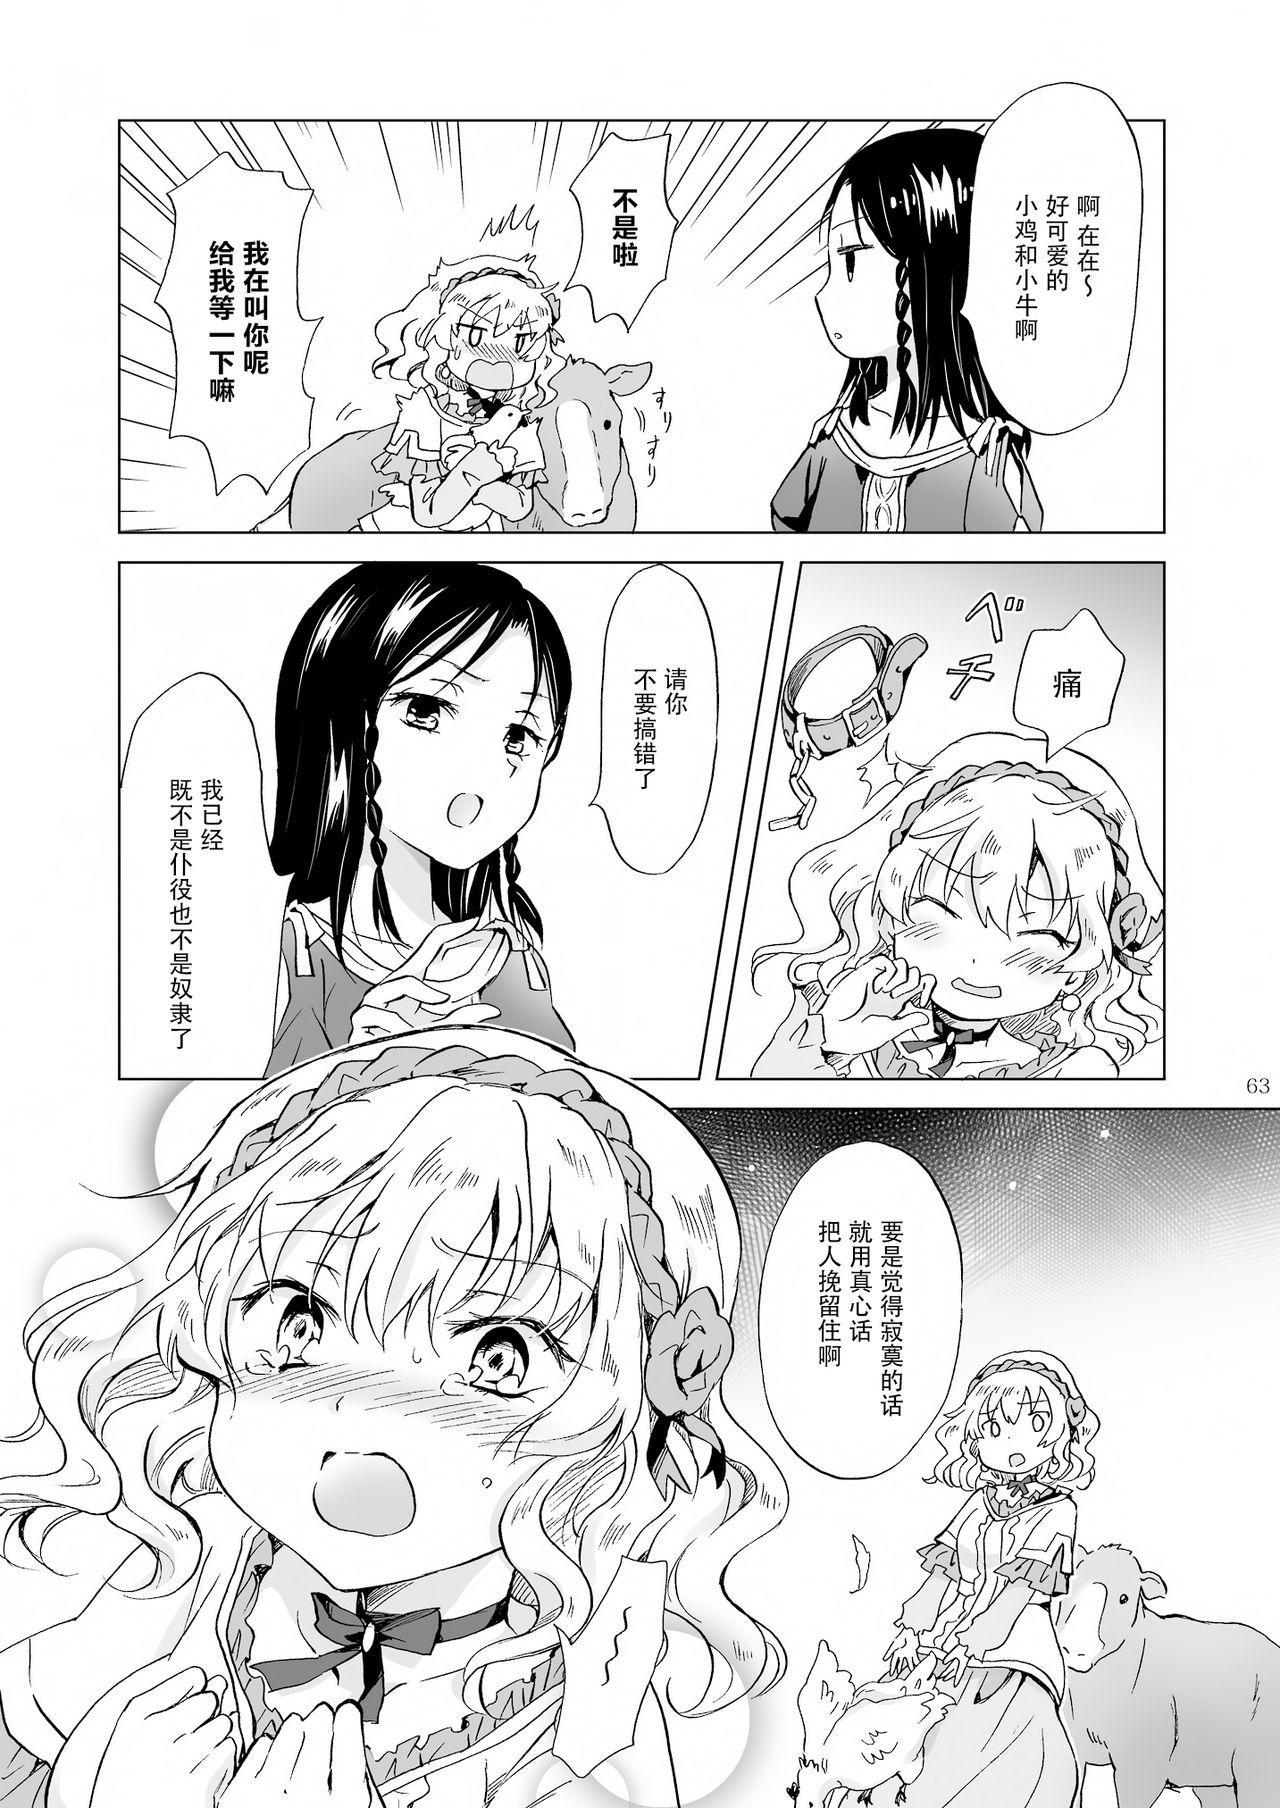 [peachpulsar (Mira)] Hime-sama to Dorei-chan [Chinese] [脸肿汉化组] [Digital] 62